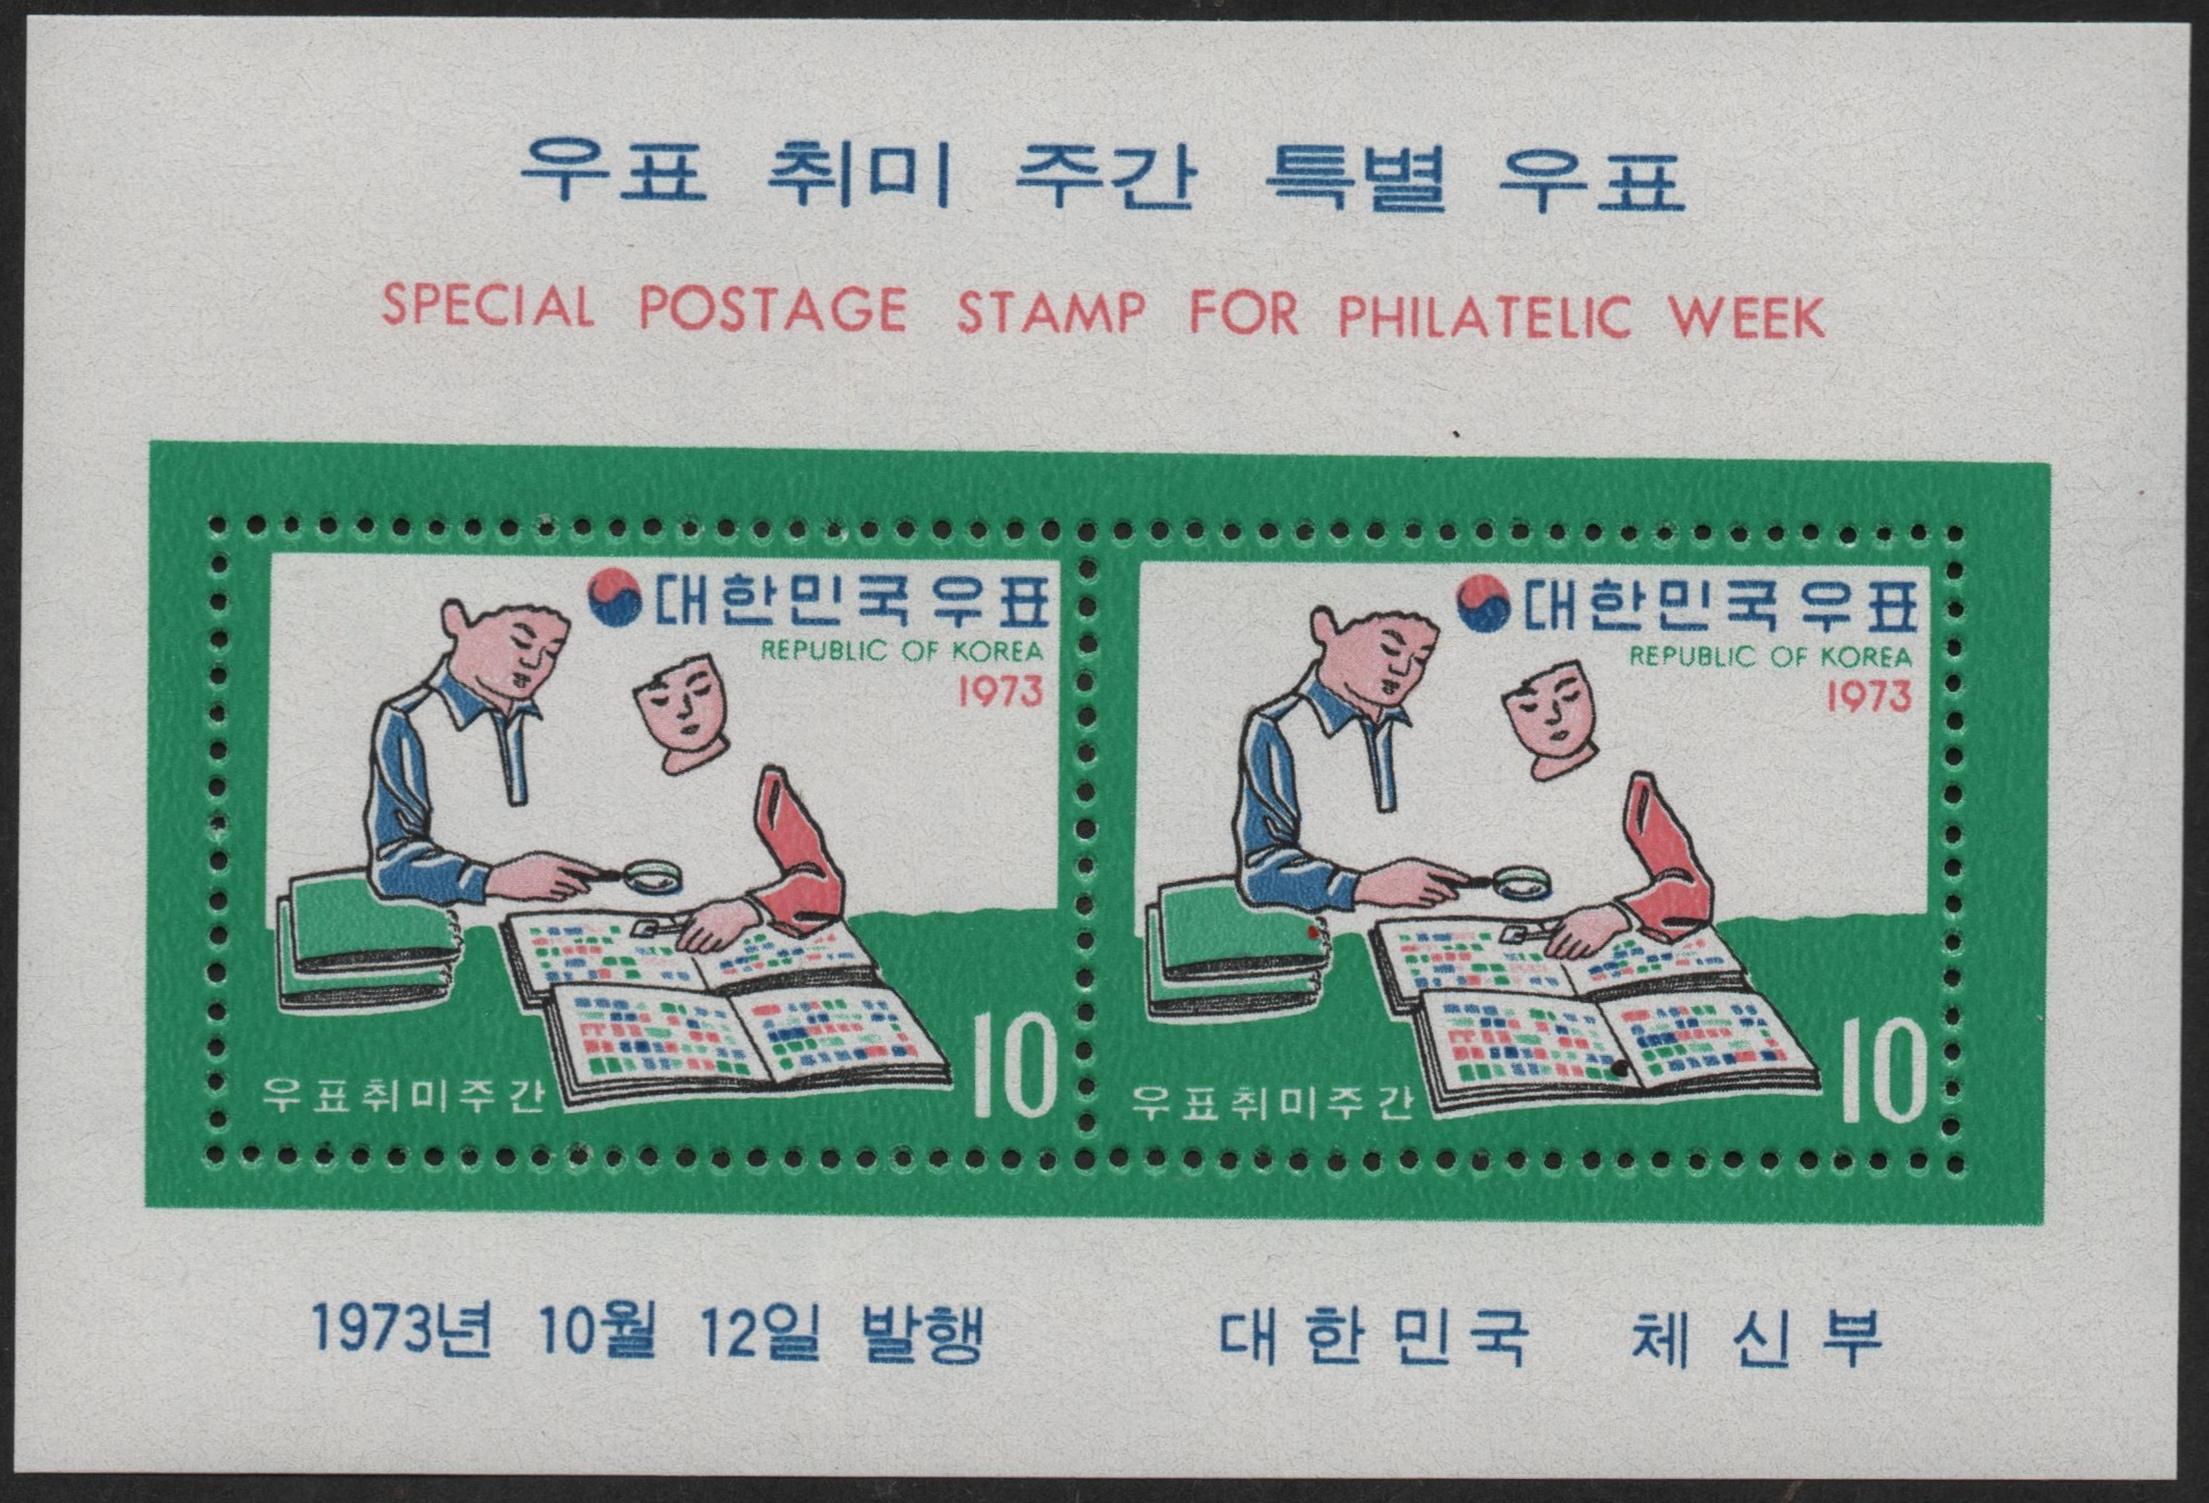 Korea, Republic of - Scott #875a (1973)